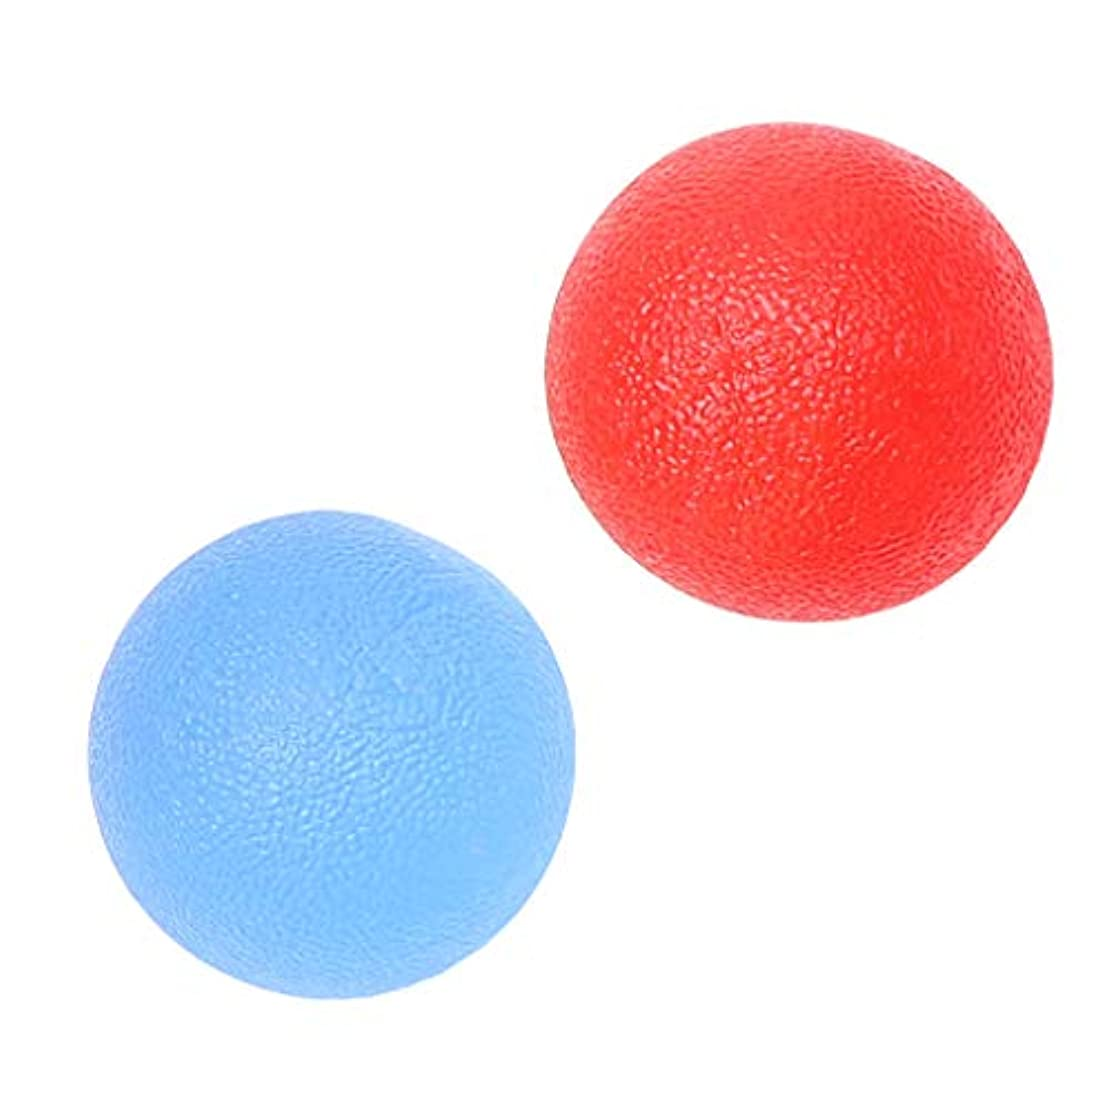 ましい部プライバシーCUTICATE 2個 ハンドエクササイズボール ハンドグリップ シリコン 指トレーニング ストレス緩和 減圧 赤/青